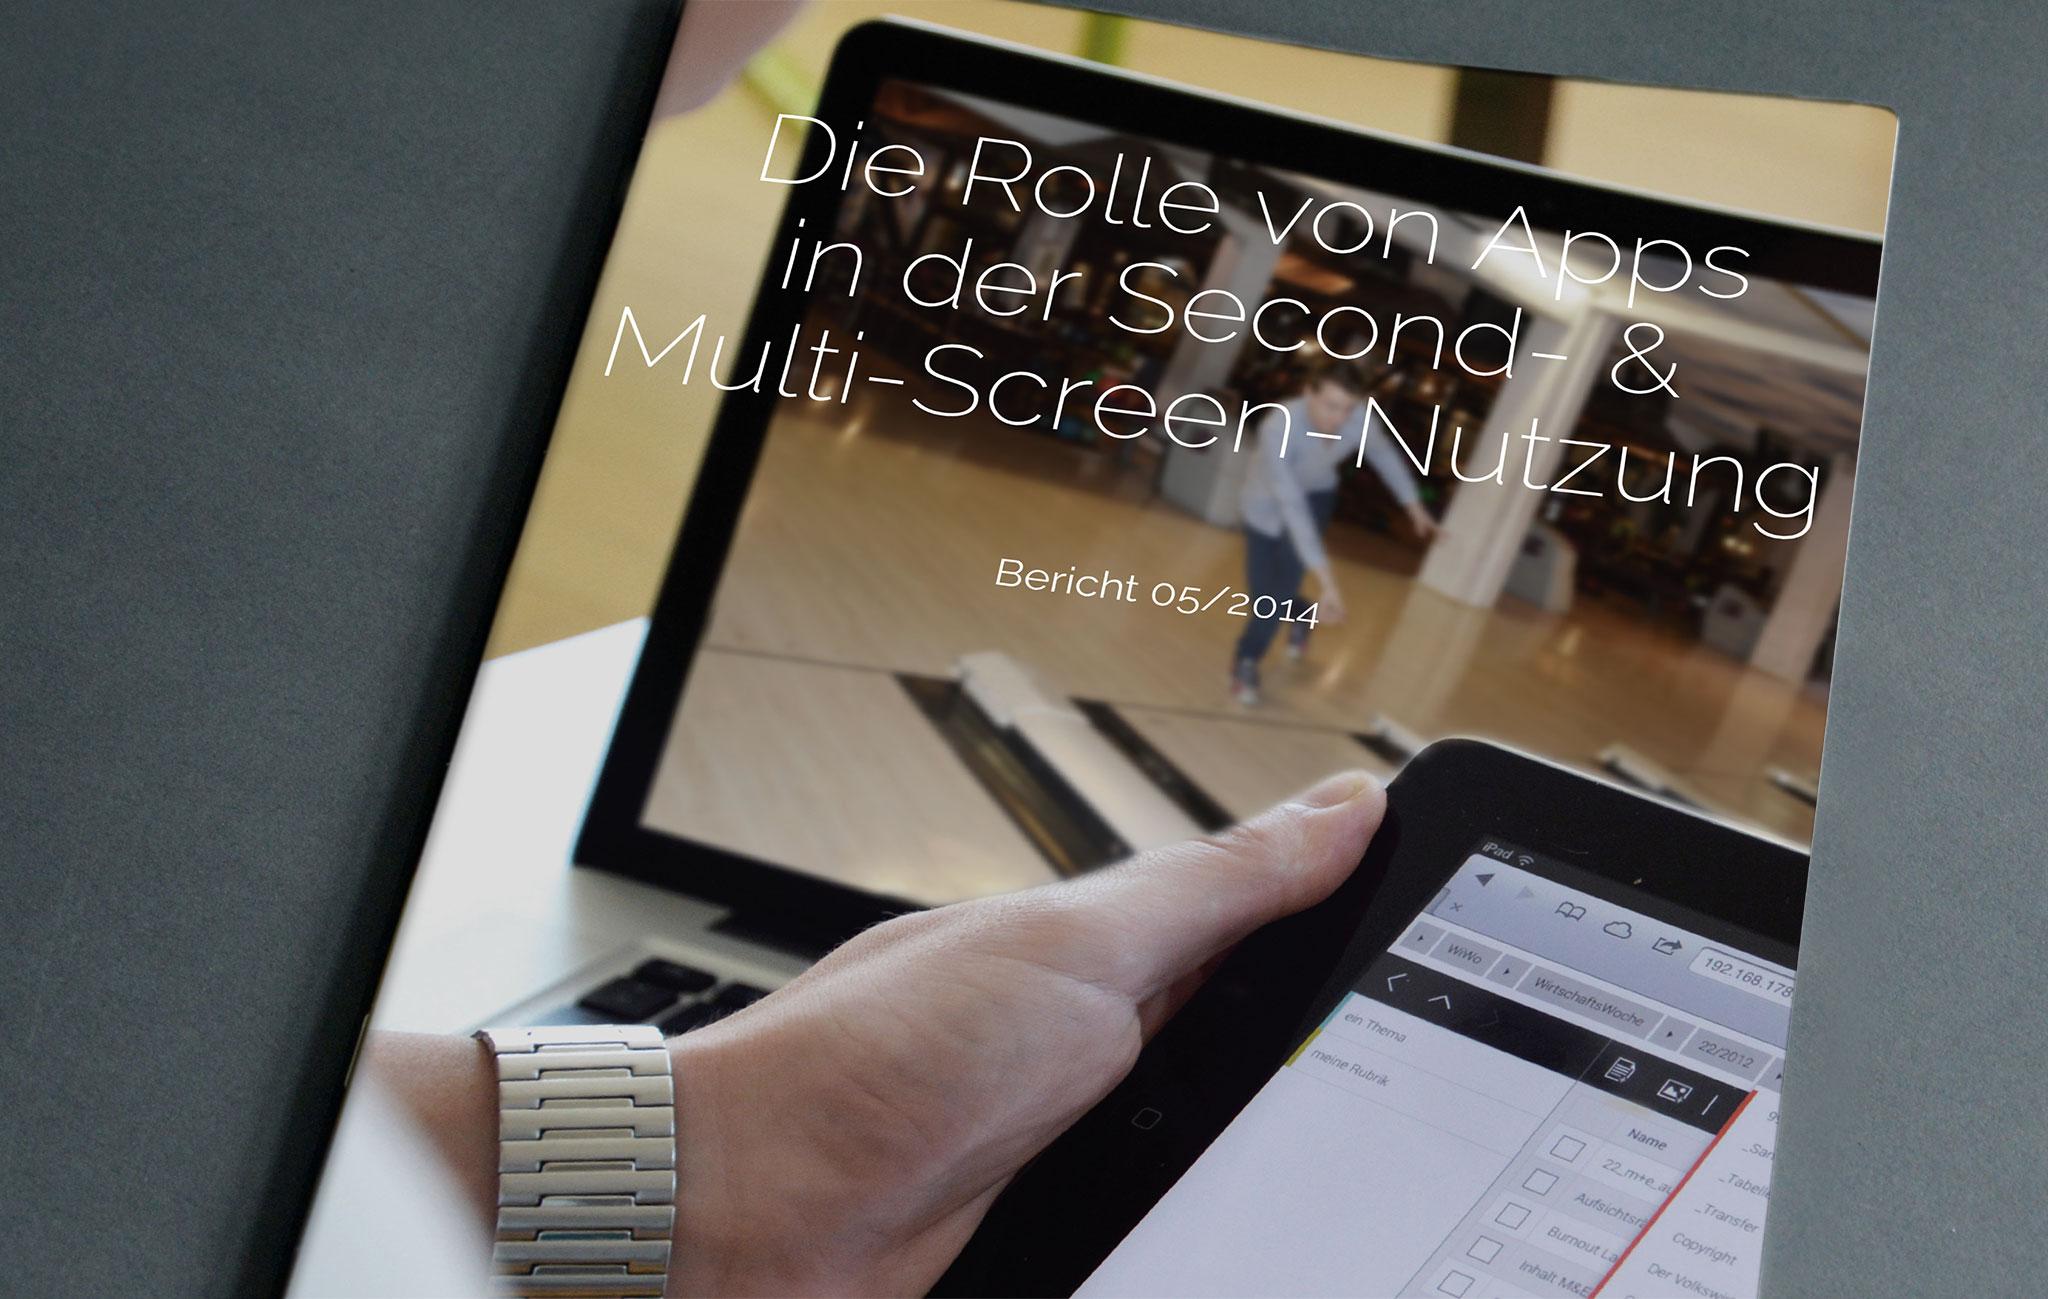 Die Rolle von Apps in der Second- & Multi-Screen-Nutzung